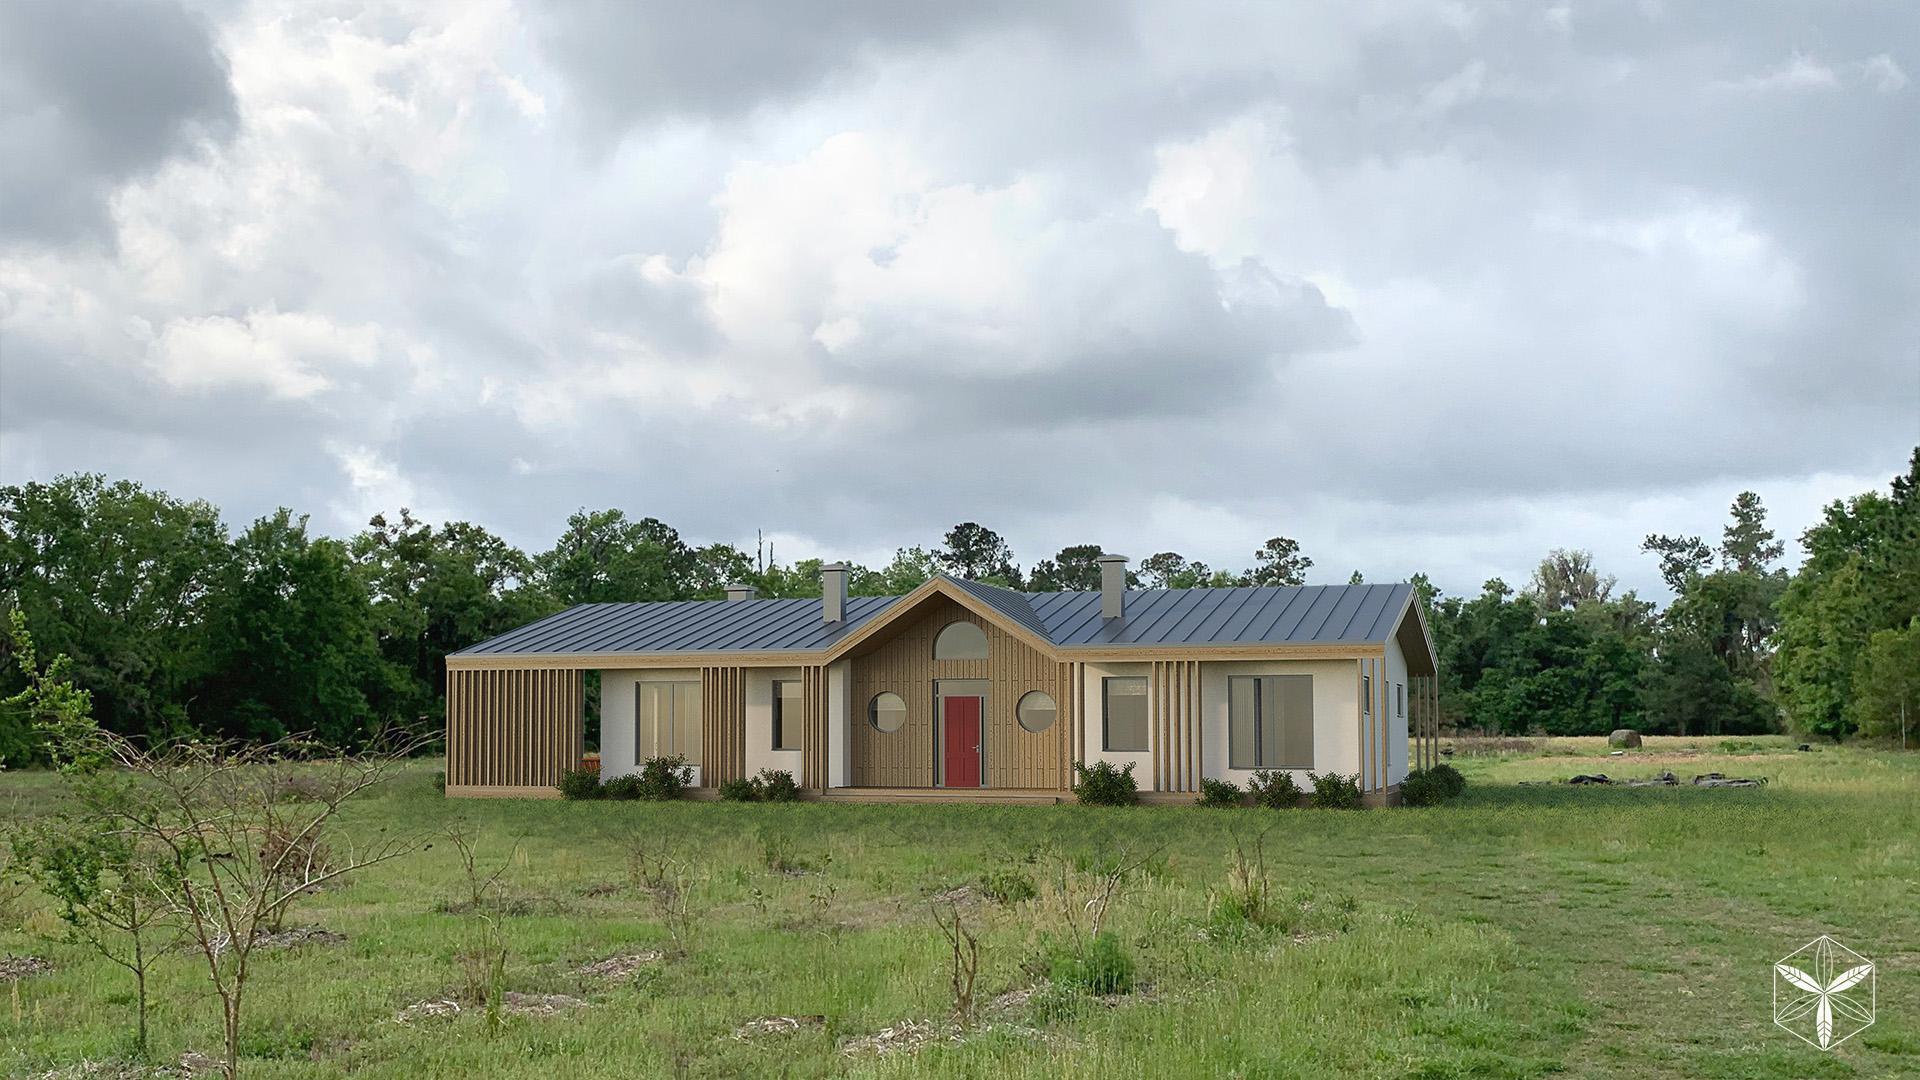 Изображение для проекта Каркасный дом с конопляным утеплителем во Флориде 2868